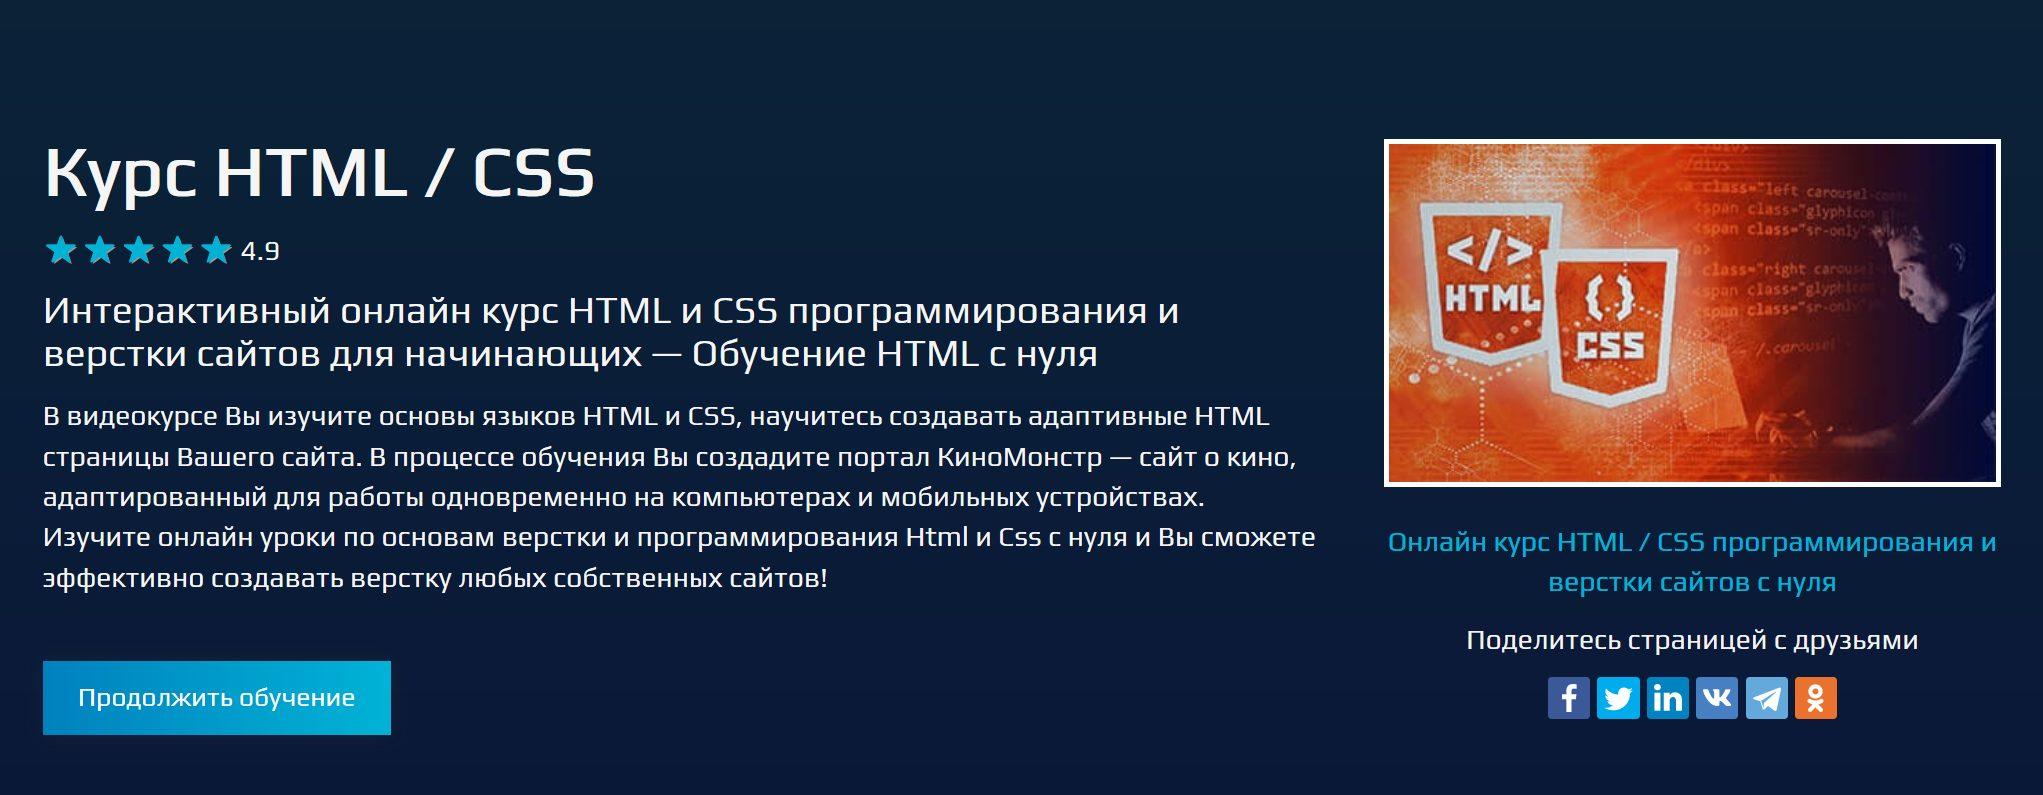 Курс HTML и CSS программирования и верстки для начинающих — Онлайн обучение HTML с нуля beONmax